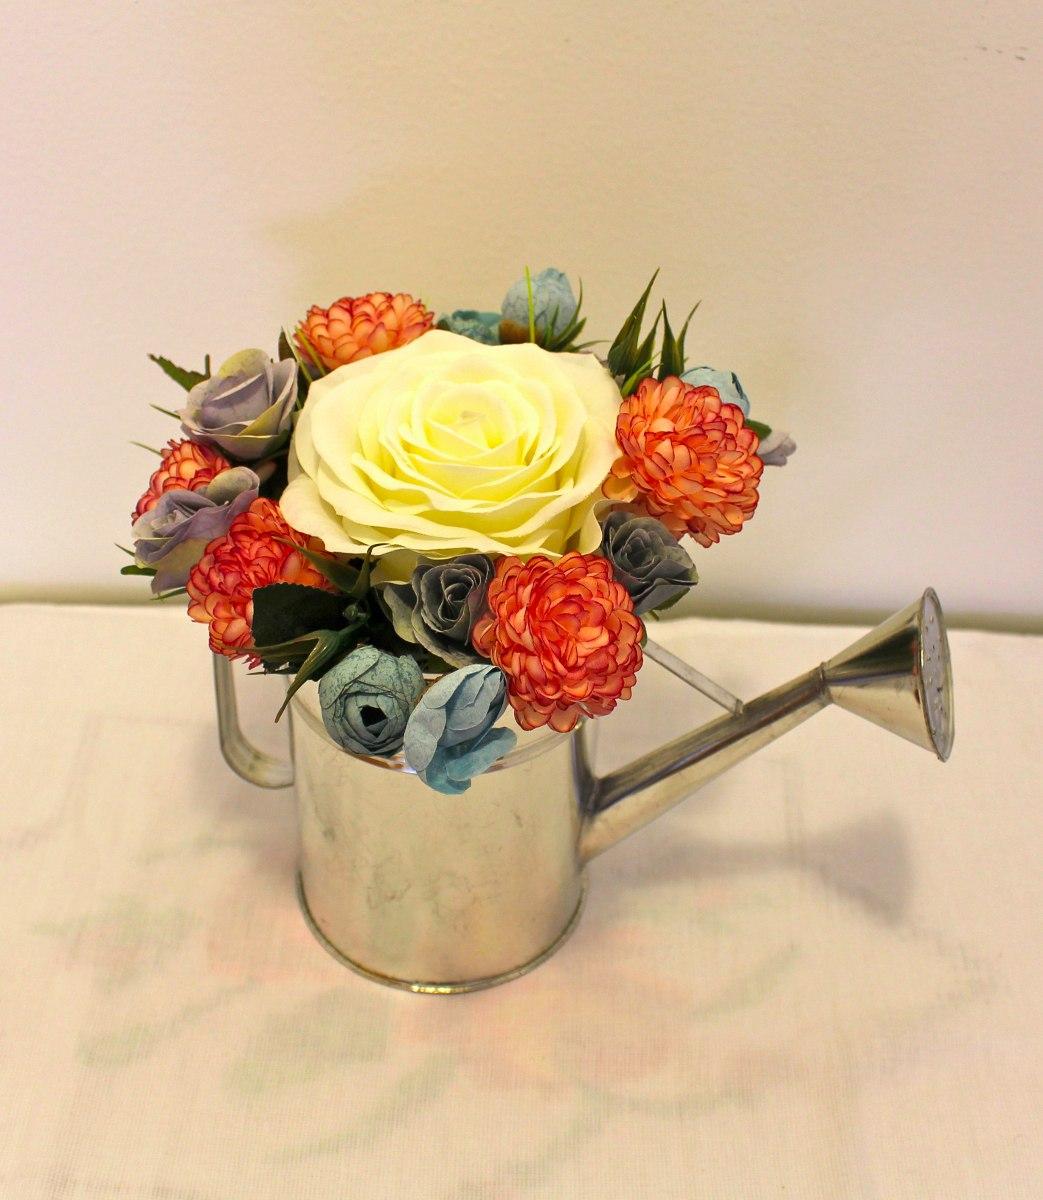 Centro de mesa arreglo flores artificiales regadera - Centro de mesa con flores artificiales ...